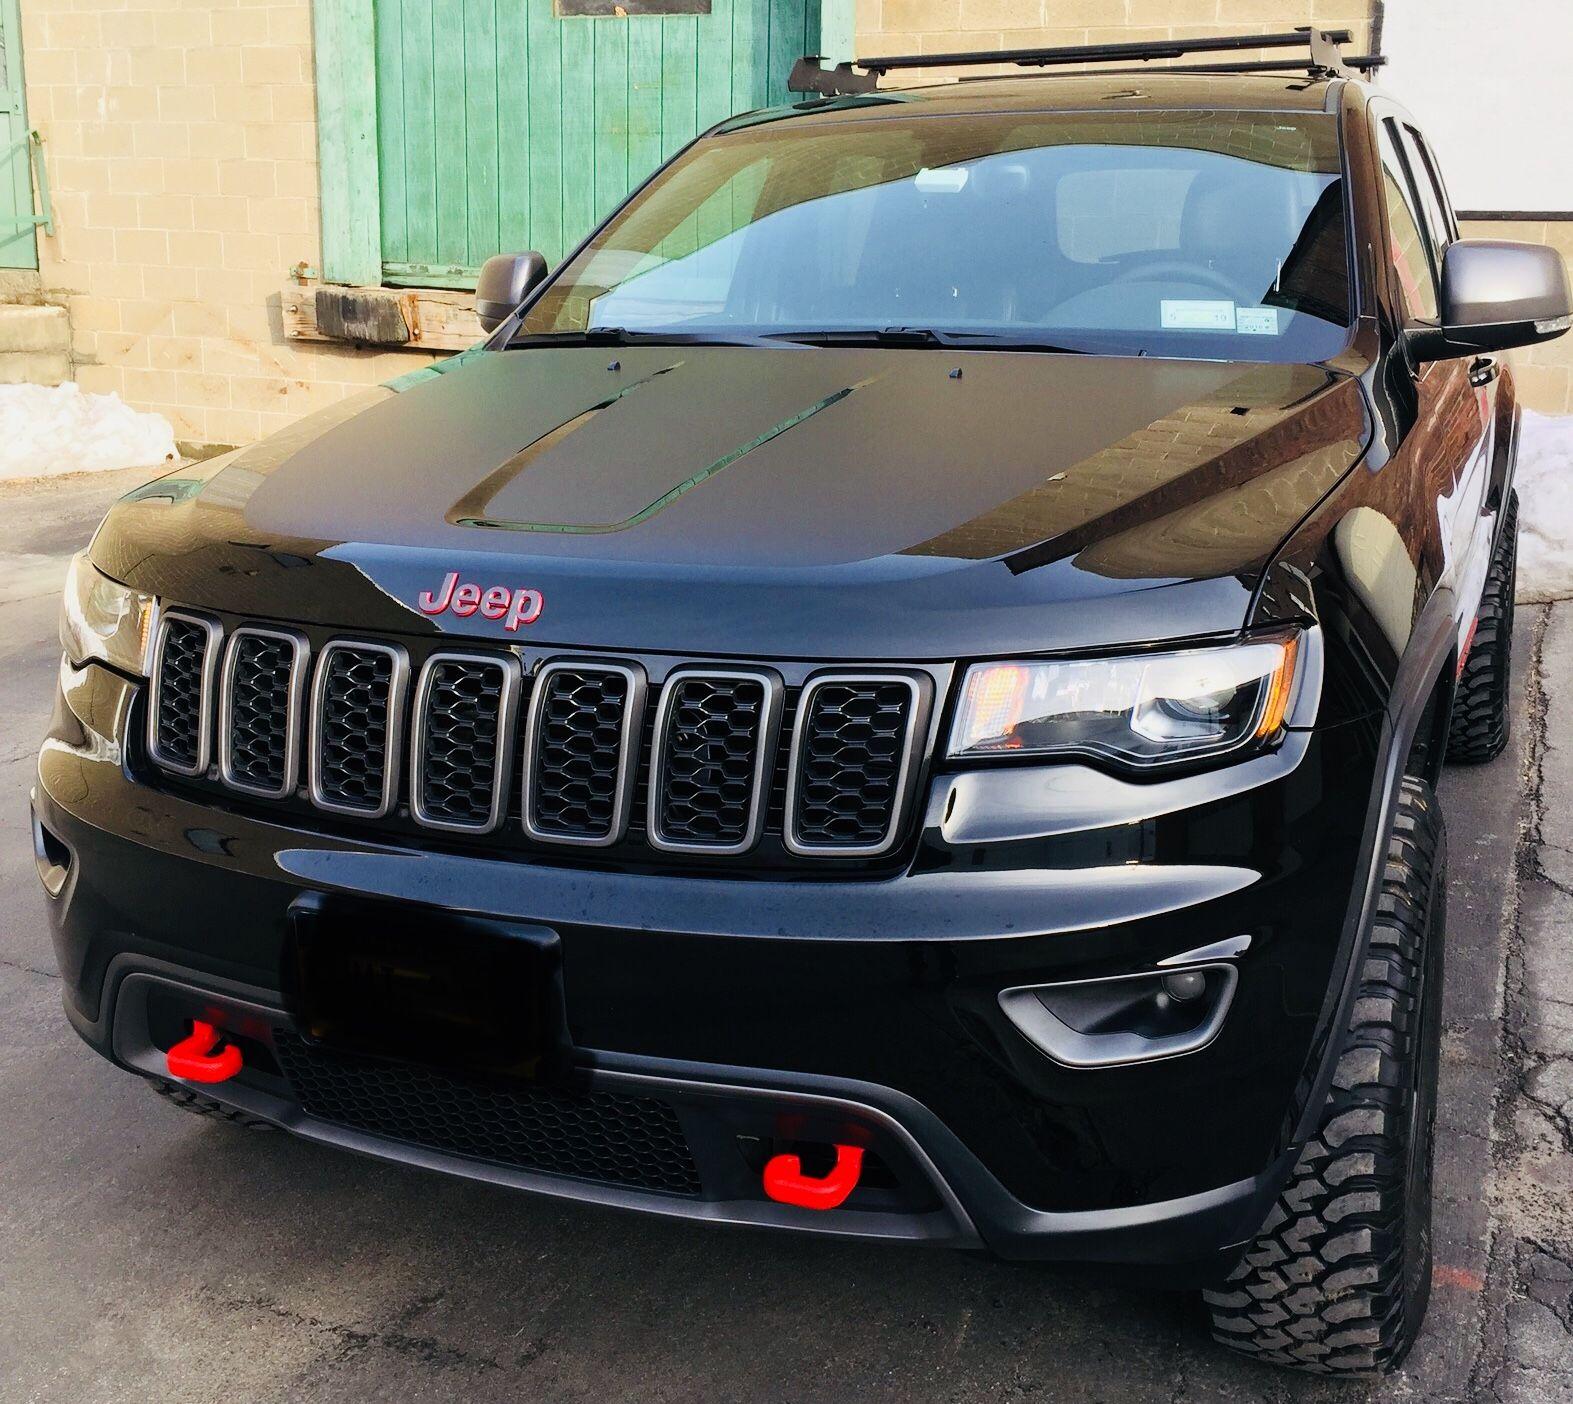 2017 Wk2 Hemi Trailhawk With Jk Wheels Jeep Trailhawk Jeep Suv Jeep Wj